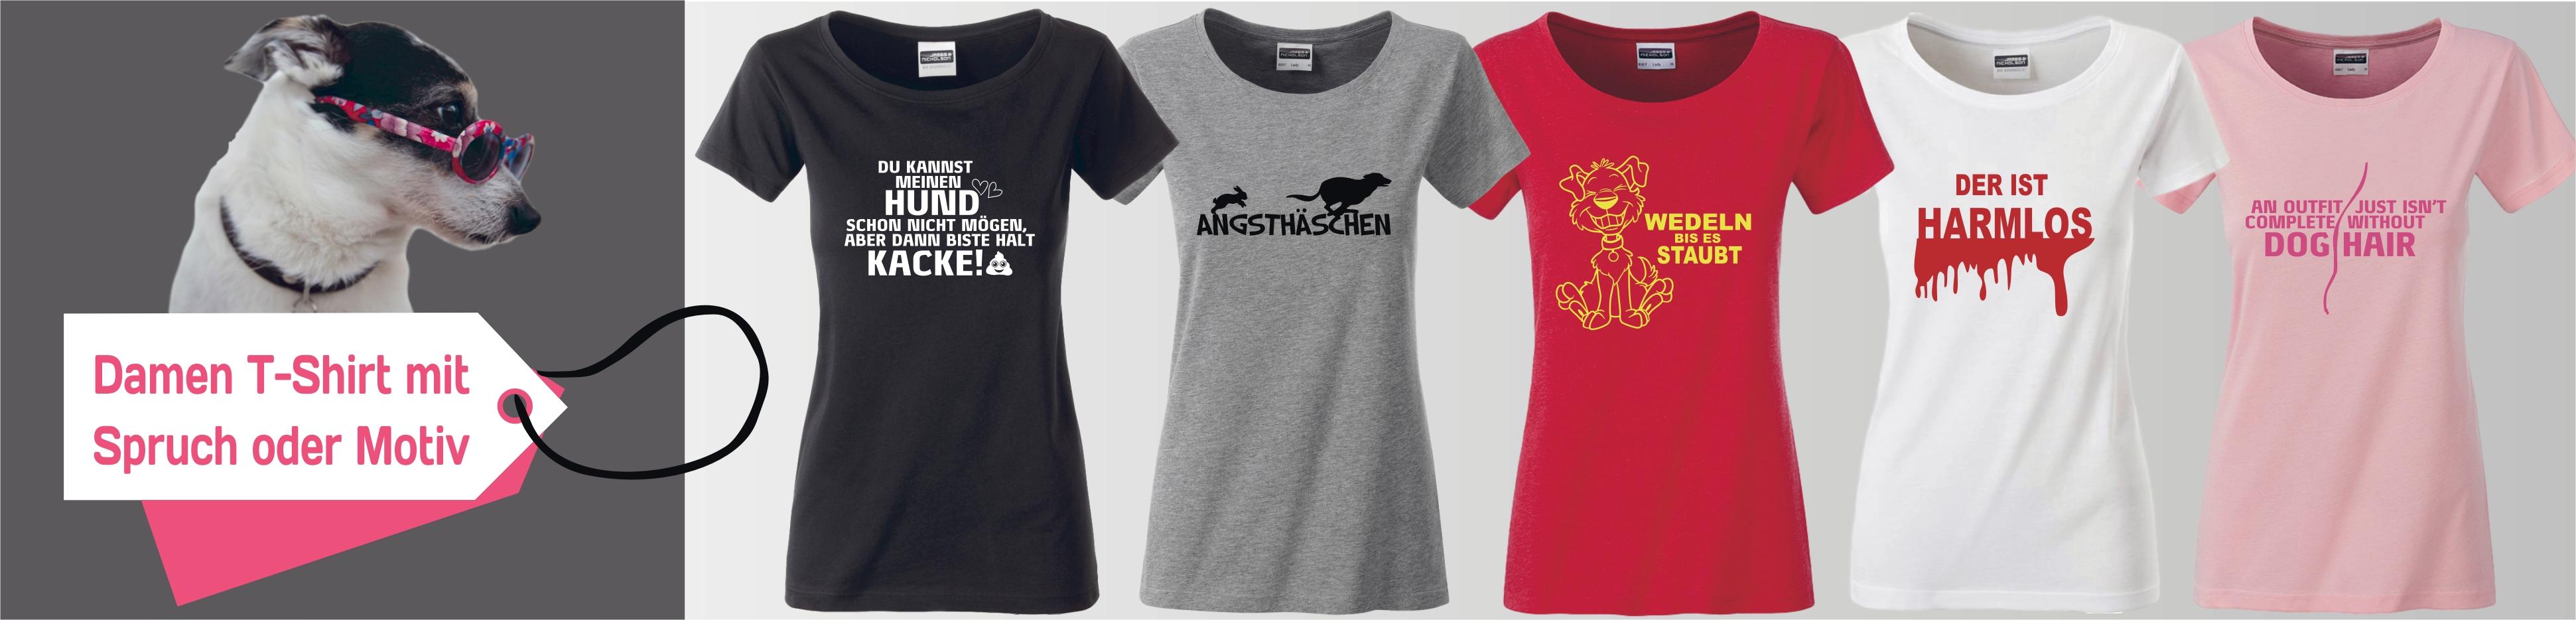 /fuer-frauchen/t-shirts.html